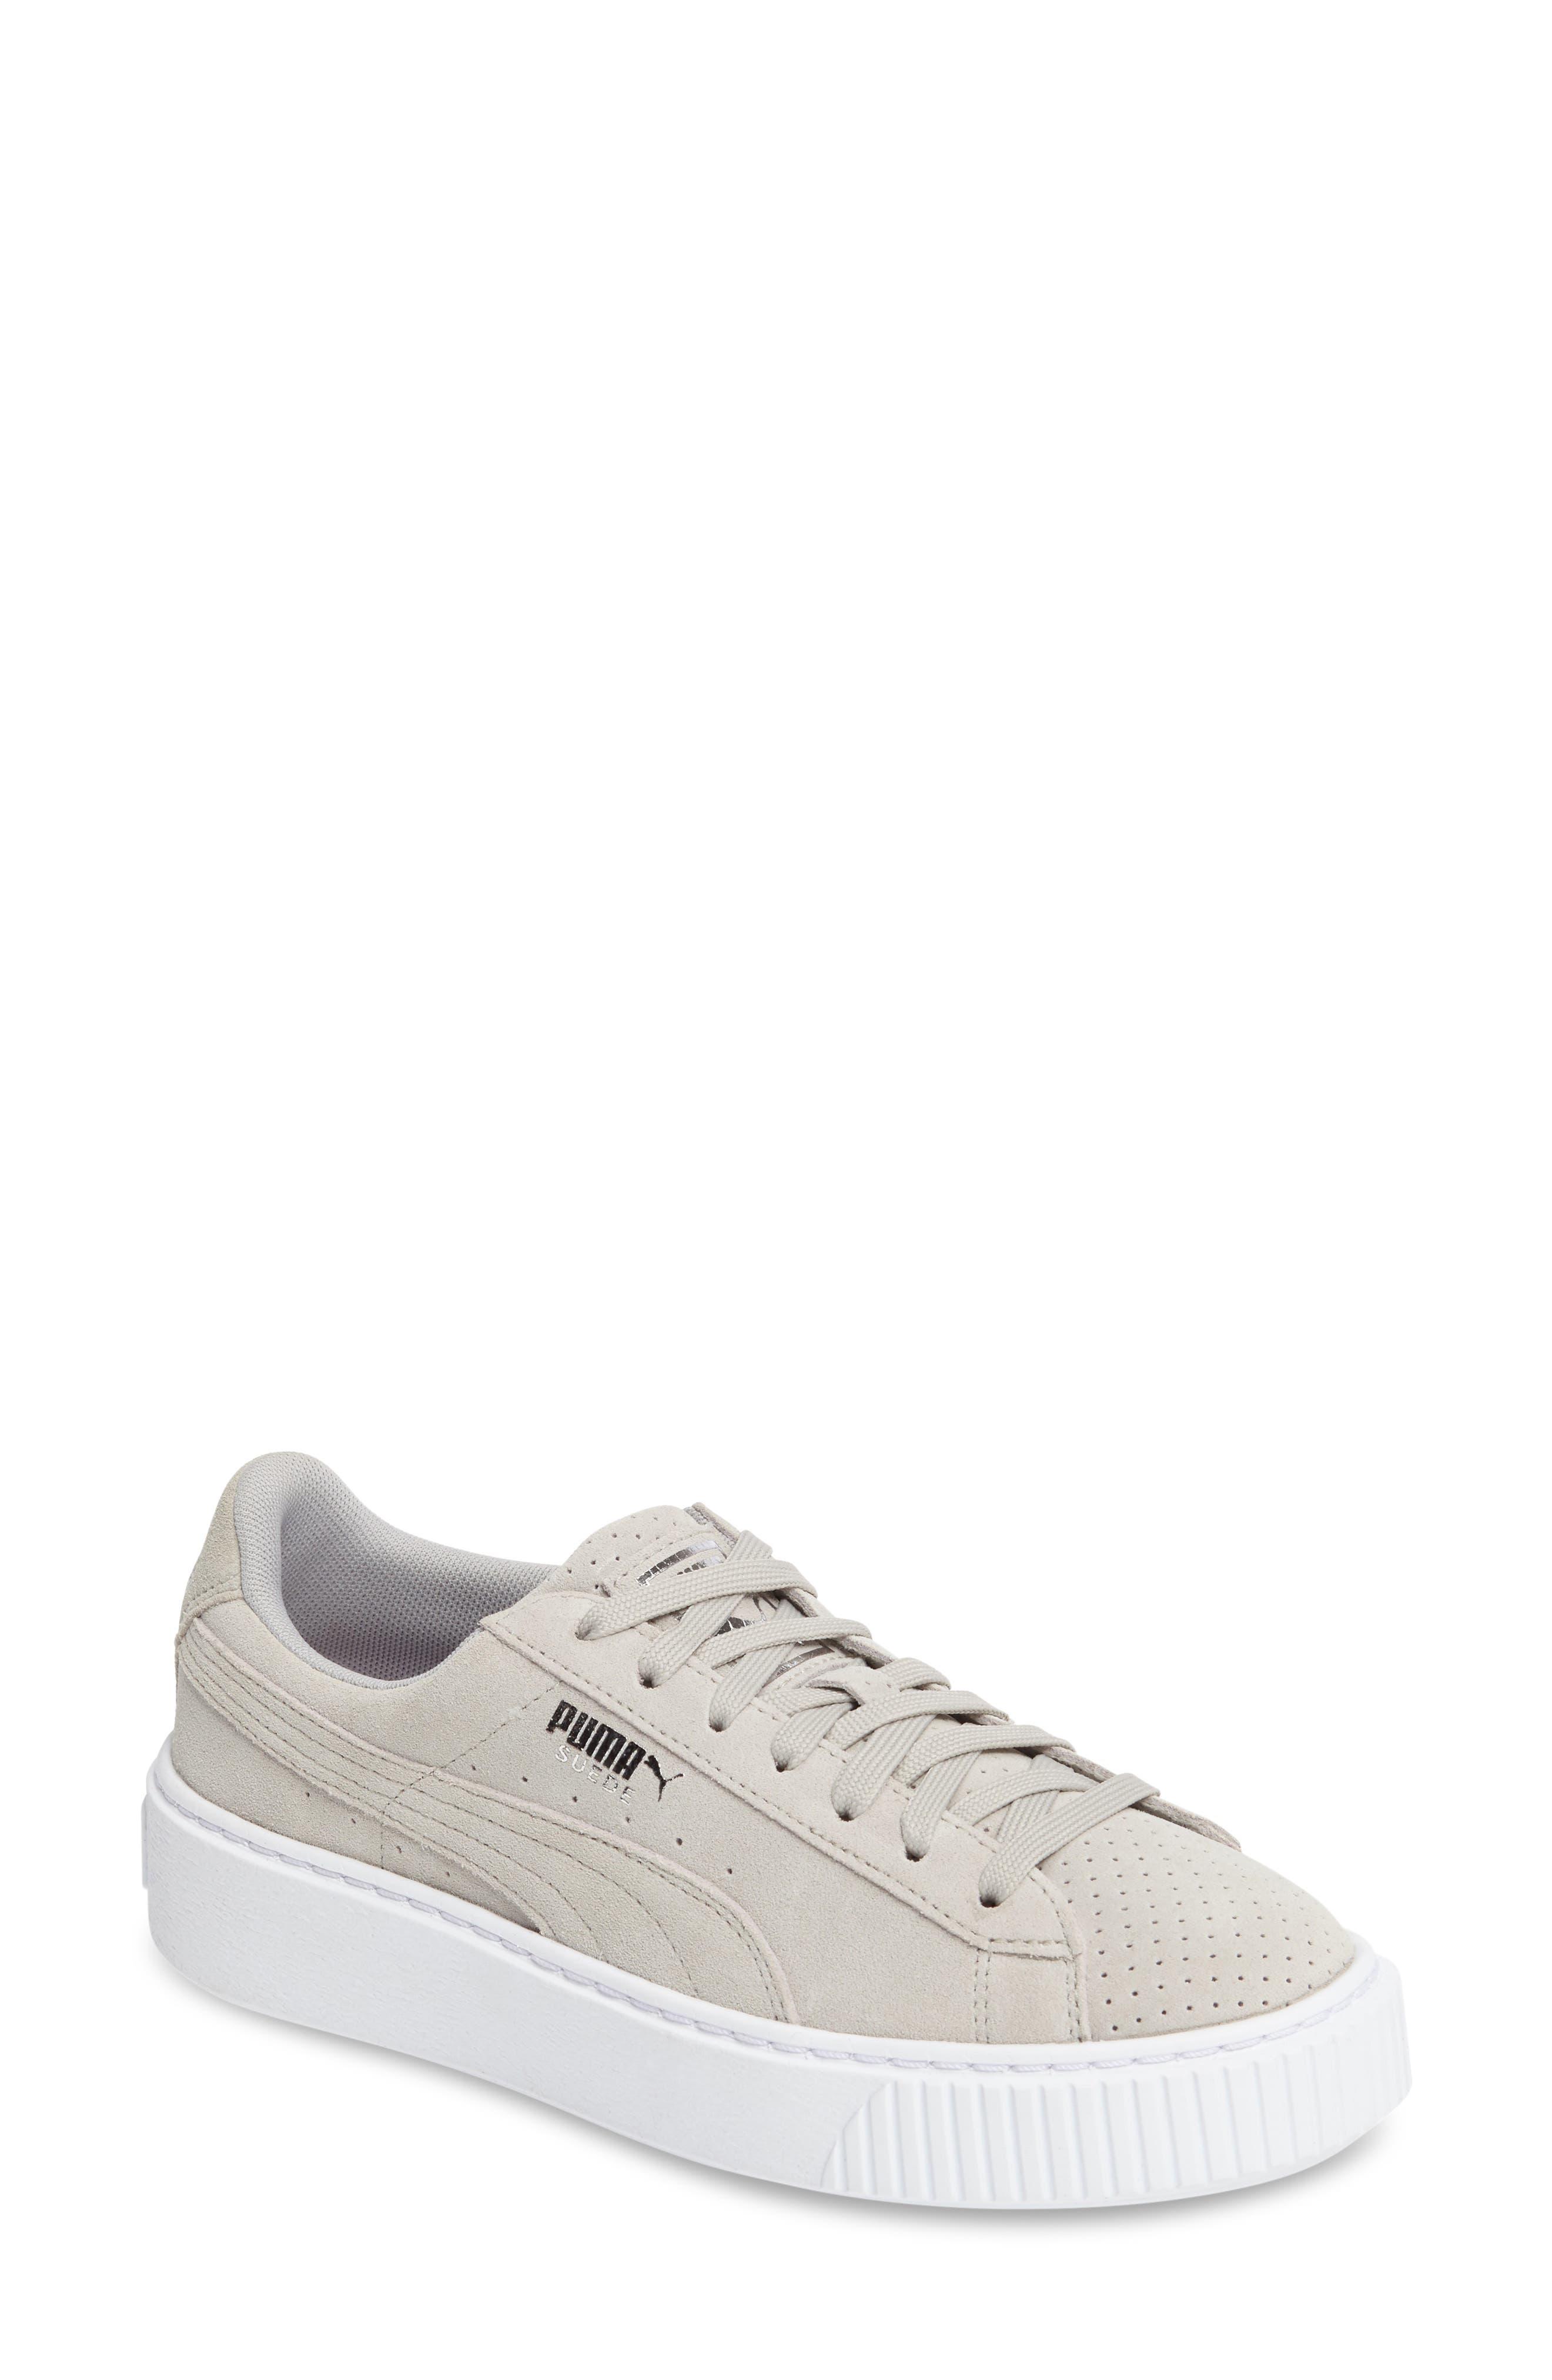 Basket Platform Sneaker,                         Main,                         color, Grey Violet/ Silver